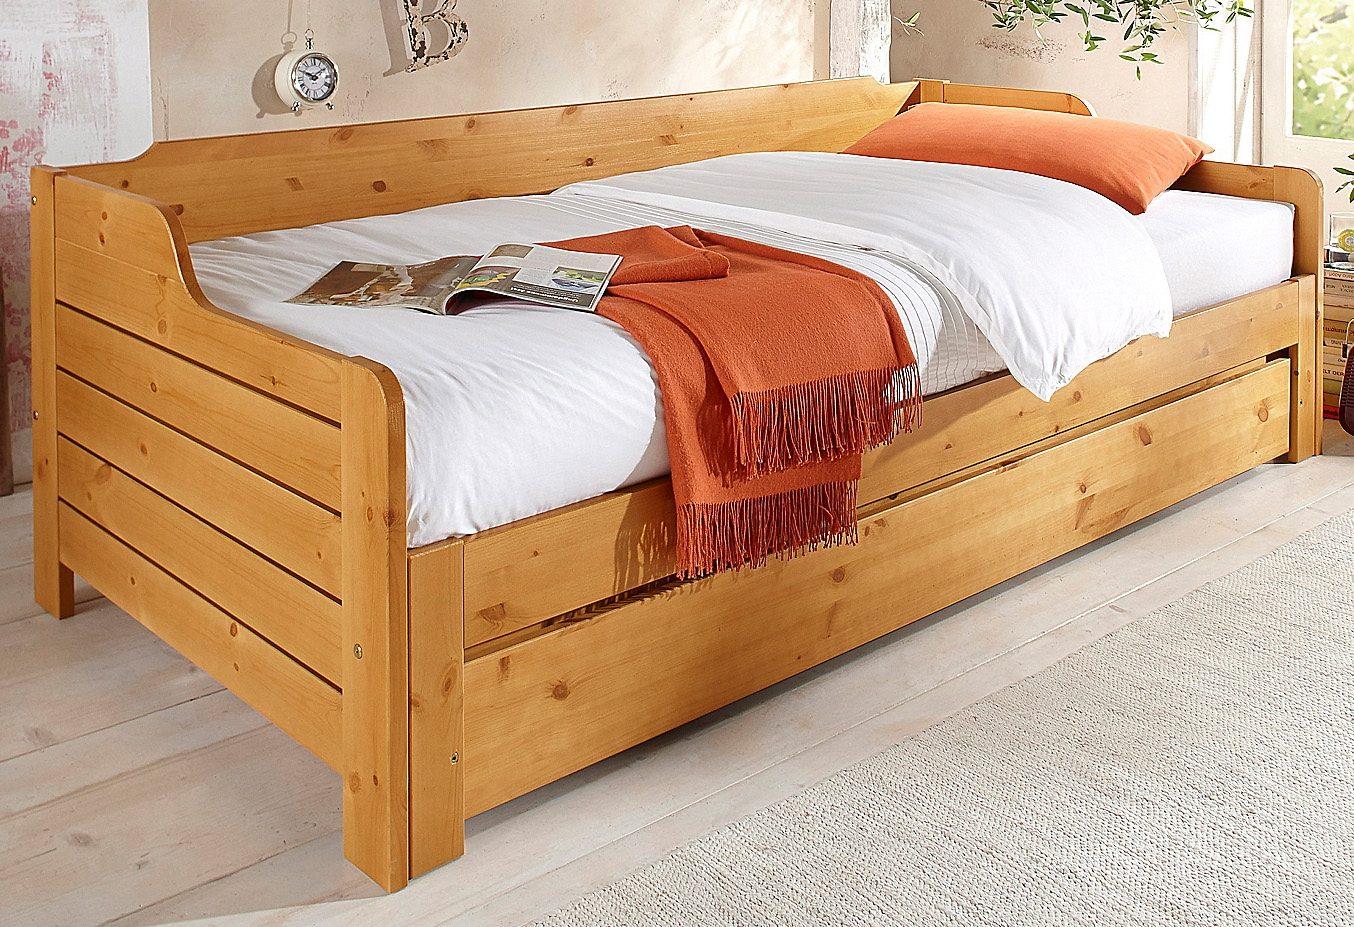 Full Size of Bett Ausziehbar Gleiche Ebene Ikea Betten Für übergewichtige Rundes Skandinavisch 140 X 200 180x200 Komplett Mit Lattenrost Und Matratze Ausklappbar Stauraum Wohnzimmer Bett Ausziehbar Gleiche Ebene